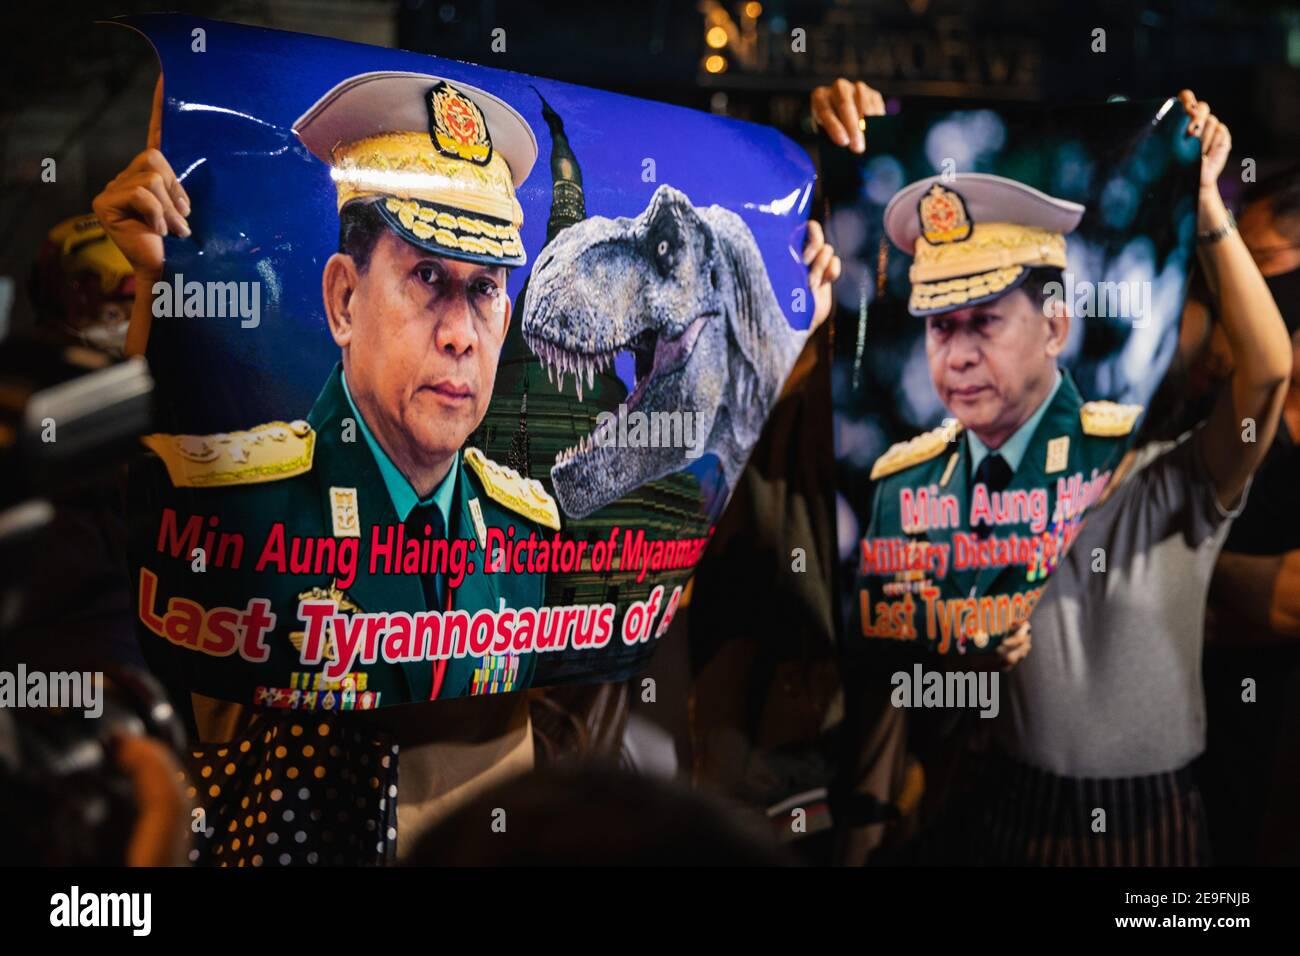 Bangkok, Thaïlande. 4 février 2020. Des manifestants tenant les portraits de min Aung Hlaing tout en manifestant contre le coup d'État militaire.des manifestants du Myanmar se sont rassemblés devant l'ambassade du Myanmar à Bangkok. Après que l'armée du Myanmar ait organisé un coup d'État qui a placé le président en détention, Win Myint et aussi le chef de facto, Aung San Suu Kyi. Les manifestants chantent Kabar Ma Kyay BU (adaptation Song of Dust in the wind by Kansas), allument des bougies et saluent avec trois doigts la restauration de la démocratie au Myanmar. Credit: Varuth Pongsaponwatt/SOPA Images/ZUMA Wire/Alay Live News Banque D'Images